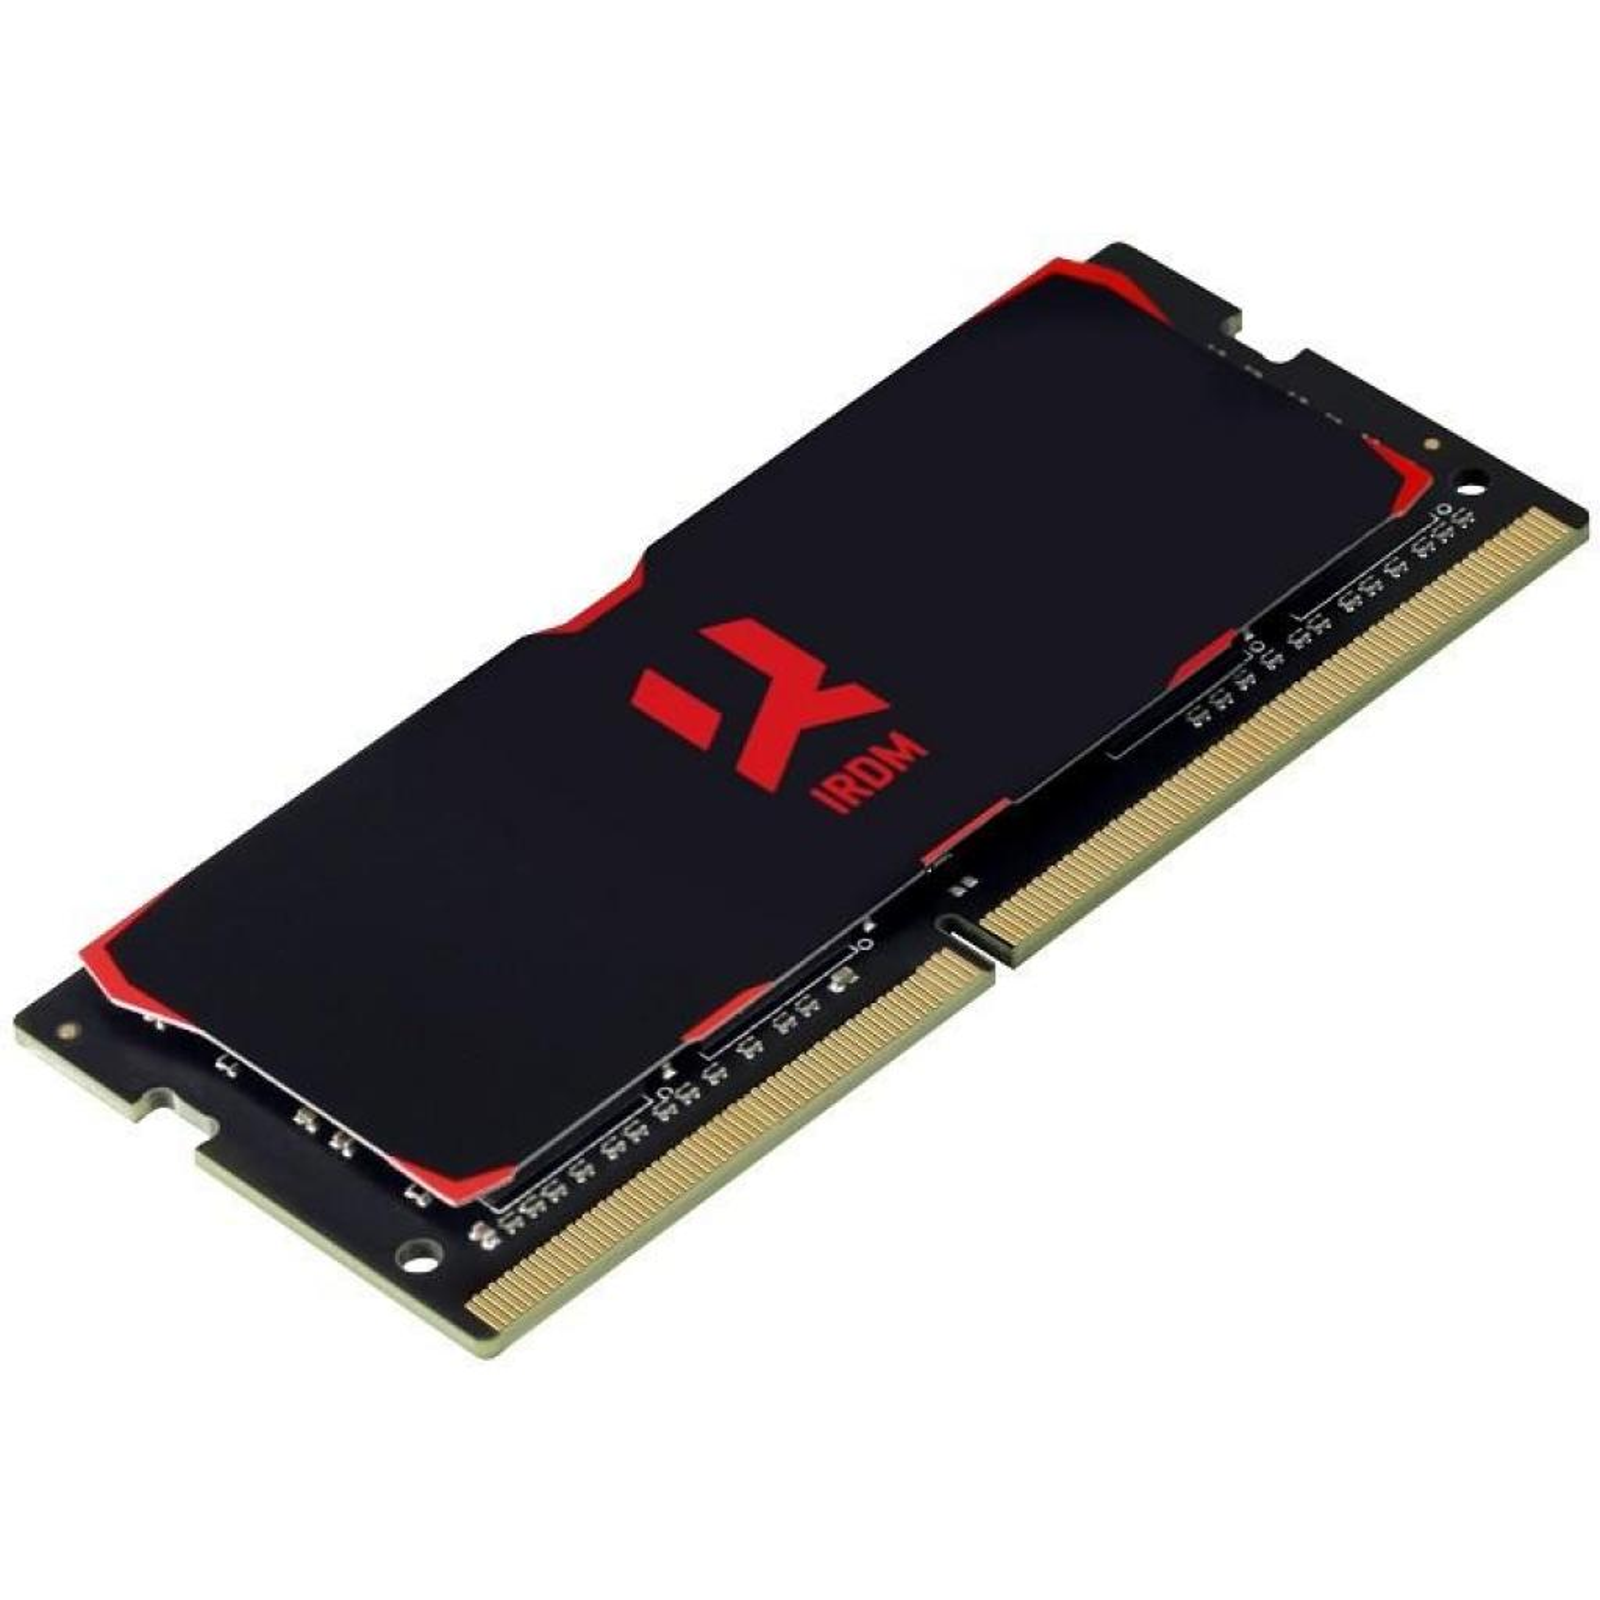 Модуль памяти для ноутбука SoDIMM DDR4 4GB 2666 MHz IRDM GOODRAM (IR-2666S464L16S/4G) изображение 2